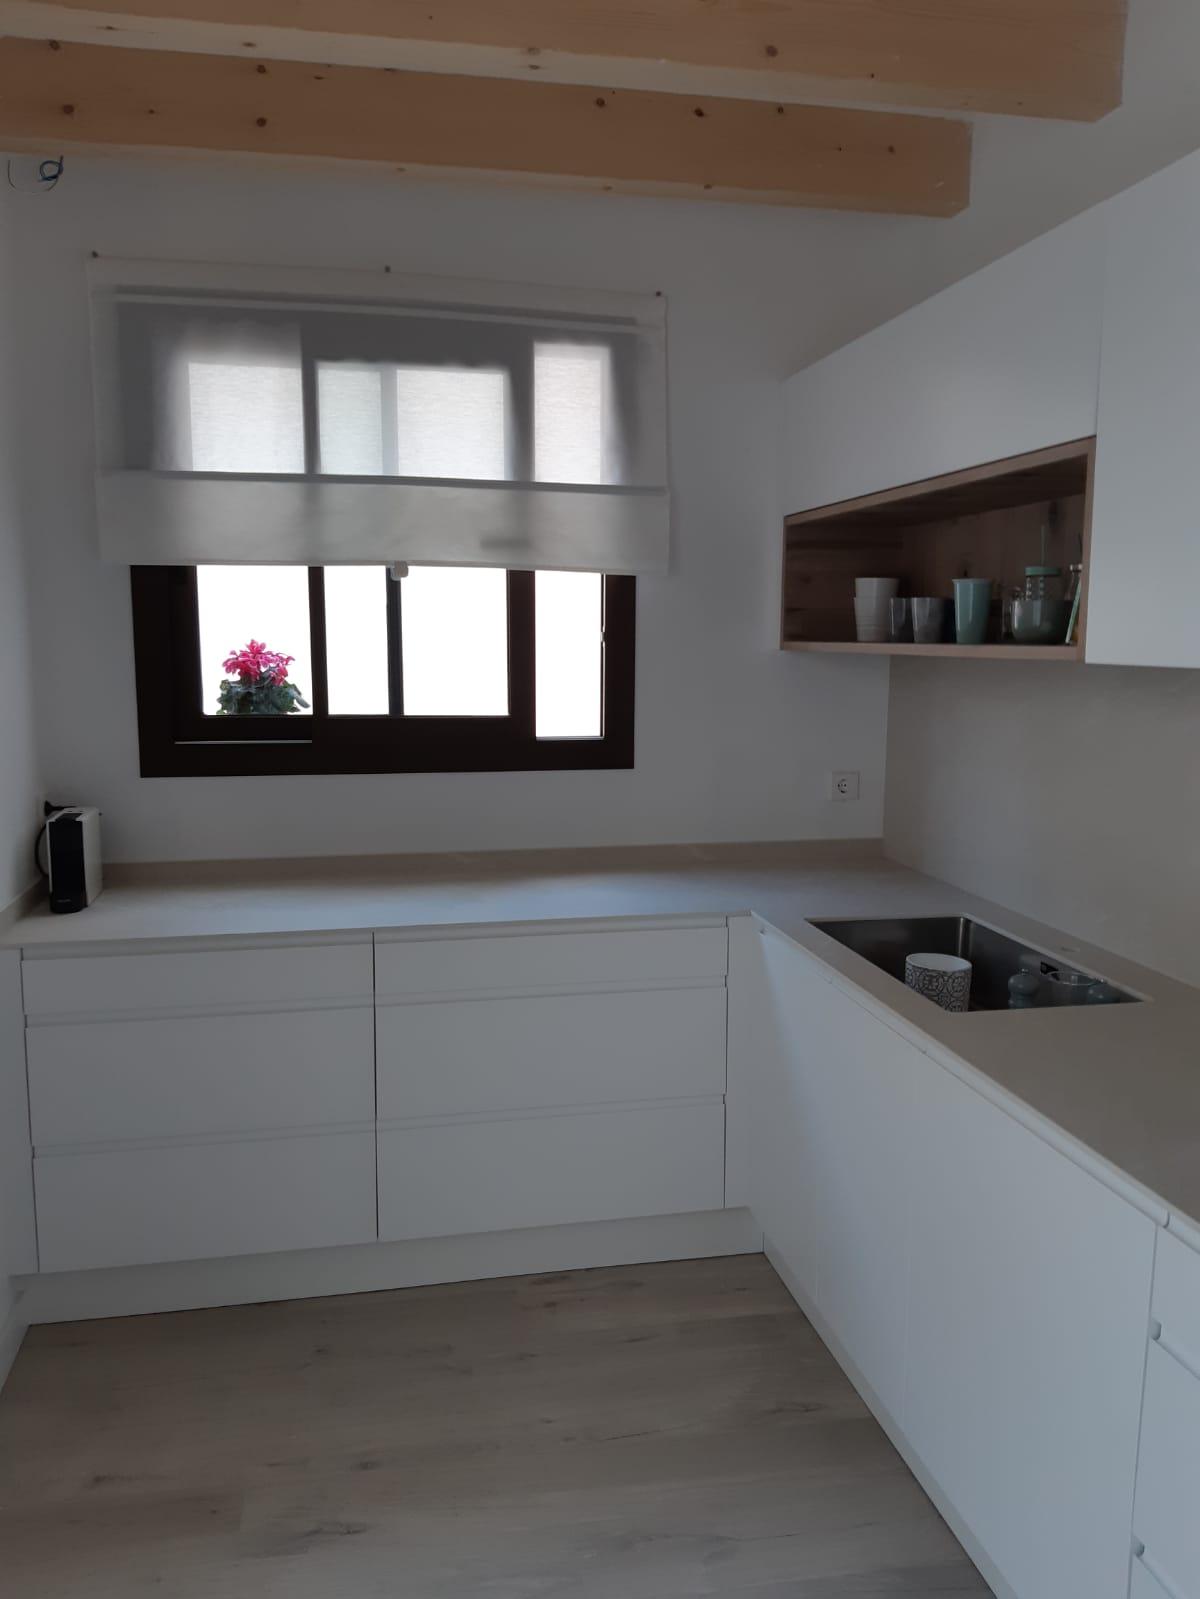 Cocinas-vallori (51)